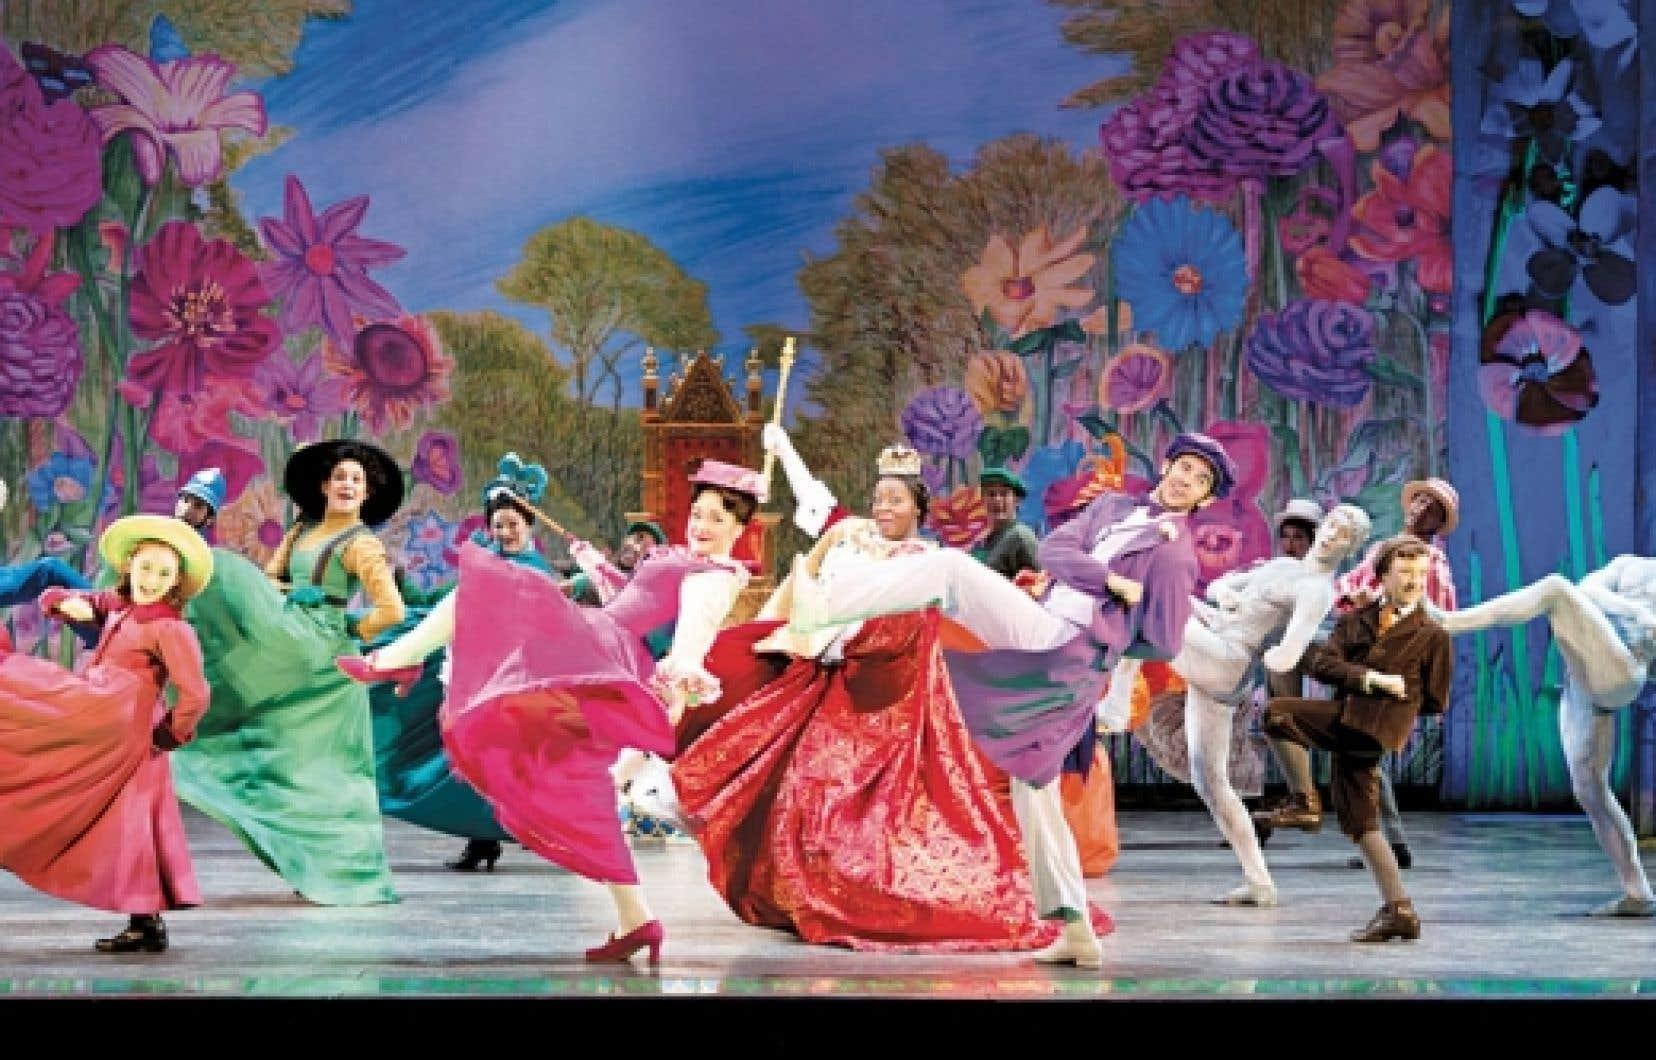 Au chapitre des créations comme la production musicale de Broadway Mary Poppins (sur la photo), le Québec possède son lot de comédies et drames musicaux maison, tels les Belles-soeurs, ou adaptés, comme La mélodie du bonheur.